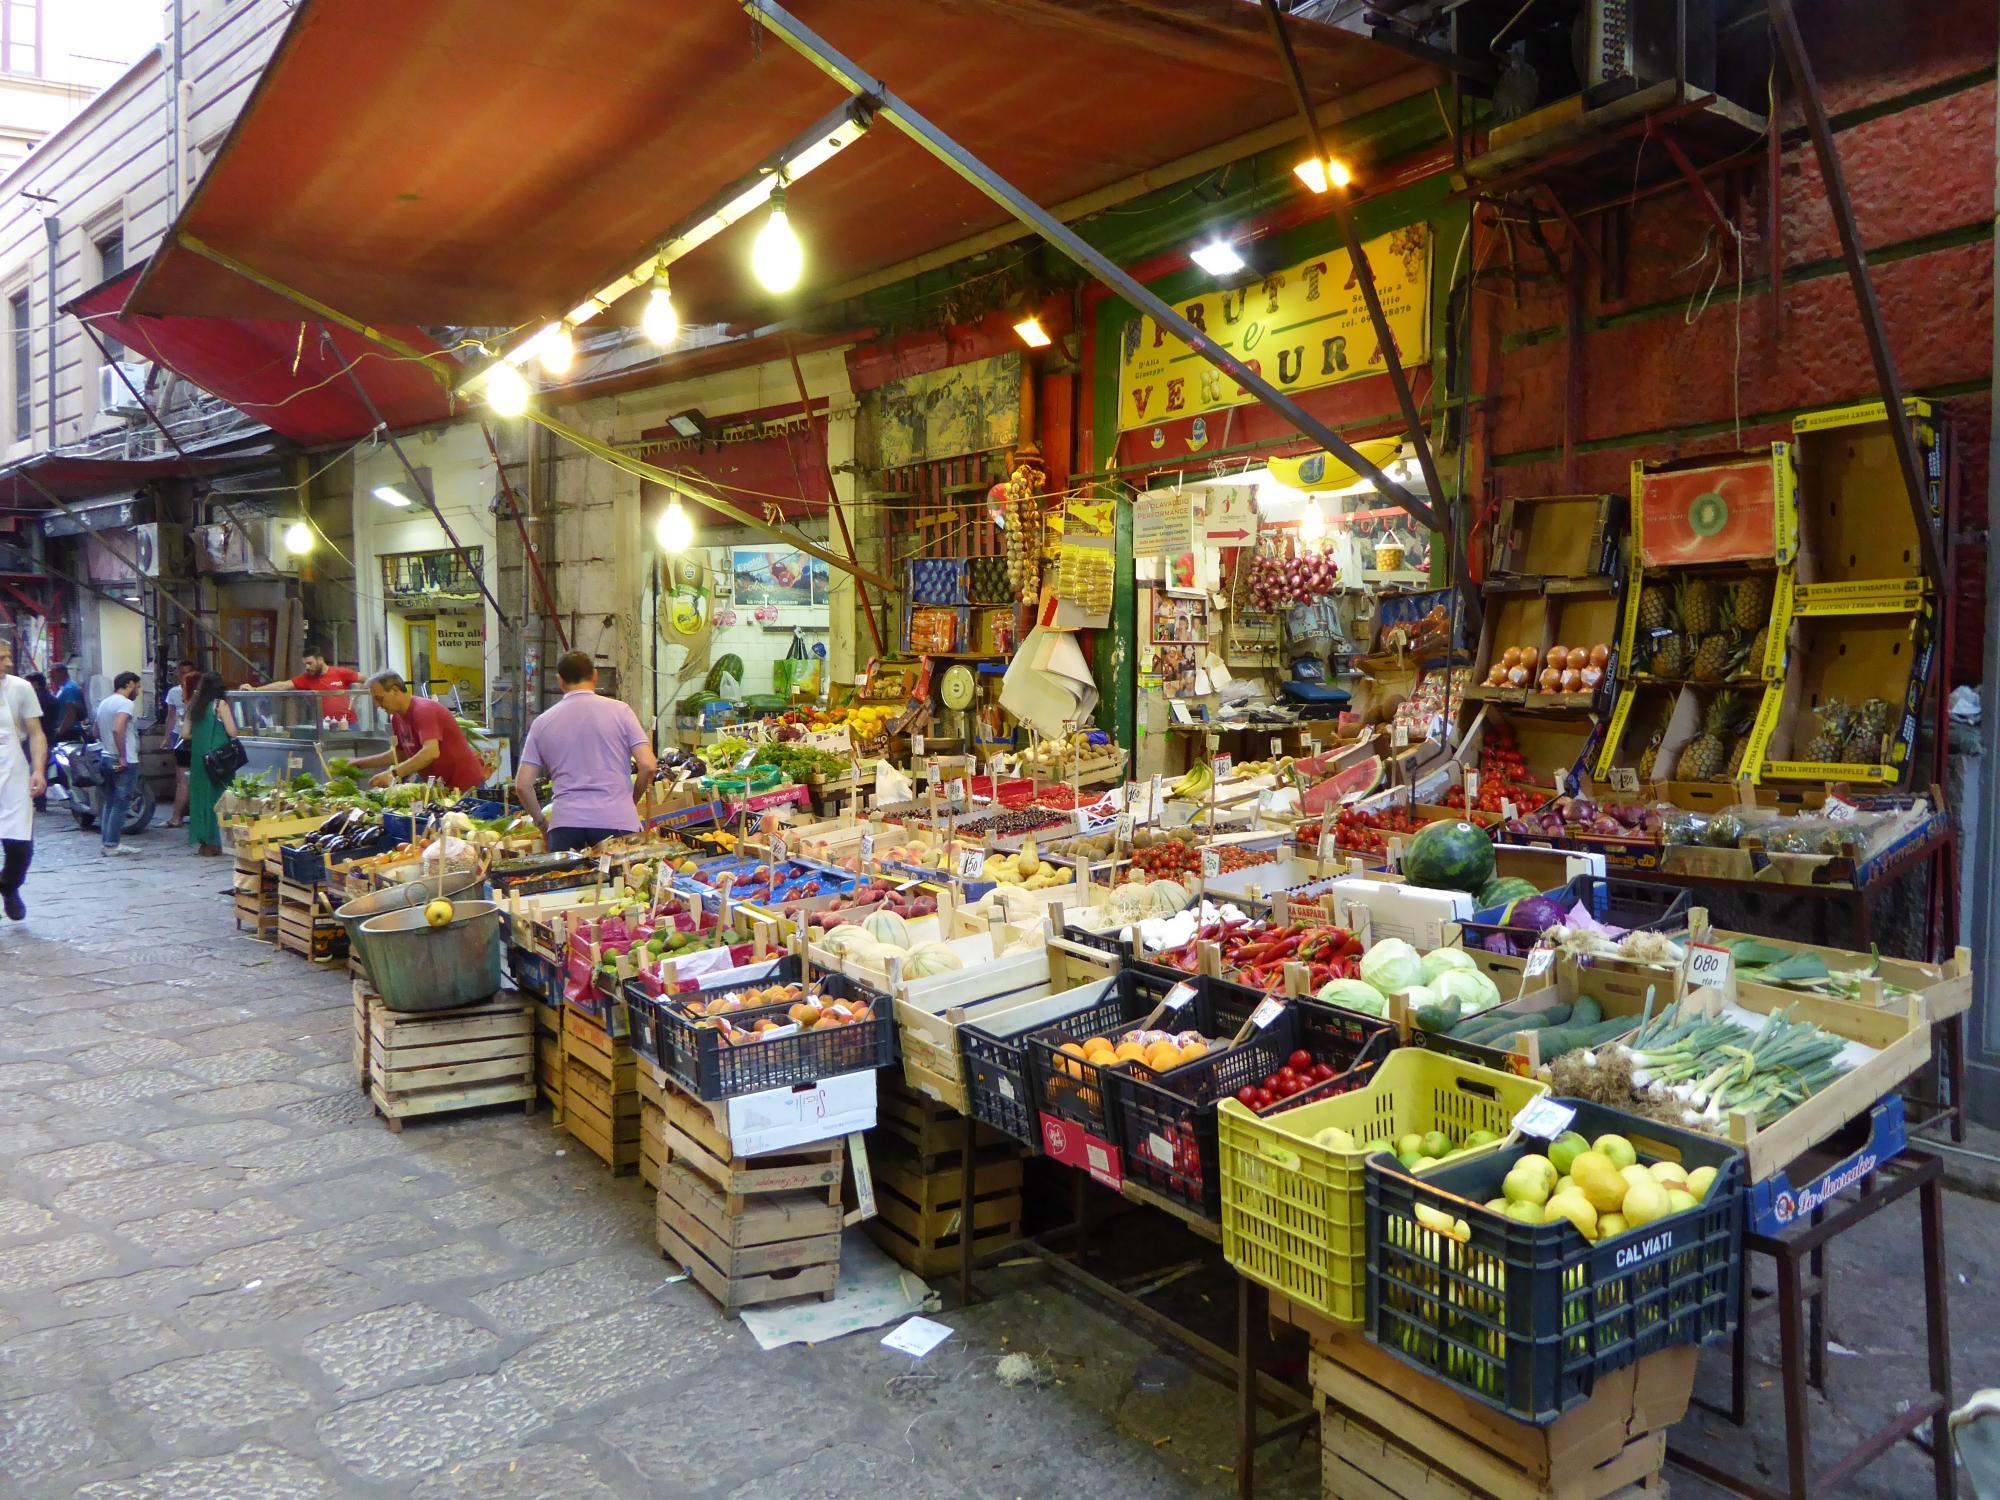 Europass - Tour nel centro storico con degustazione dello Street Food